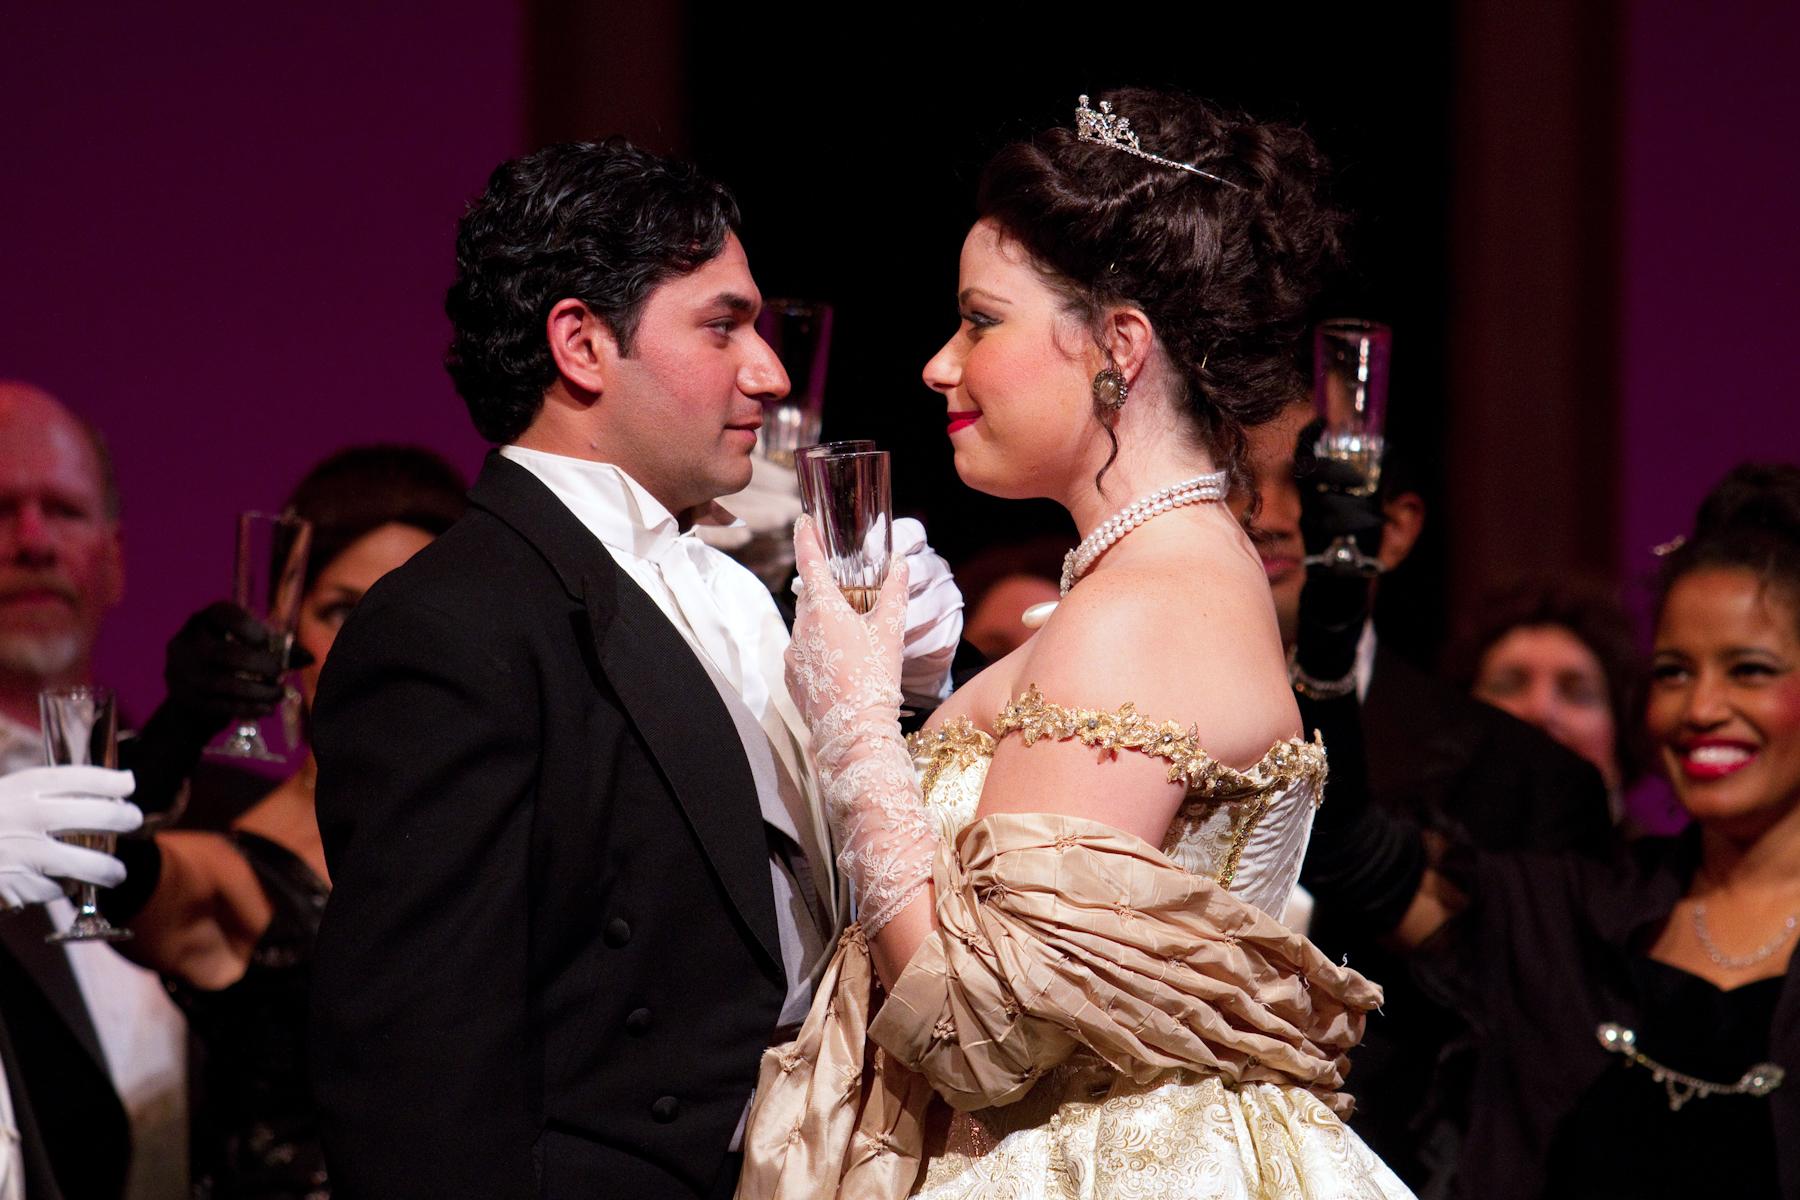 La Traviata - OD Fall 2010 049.jpg